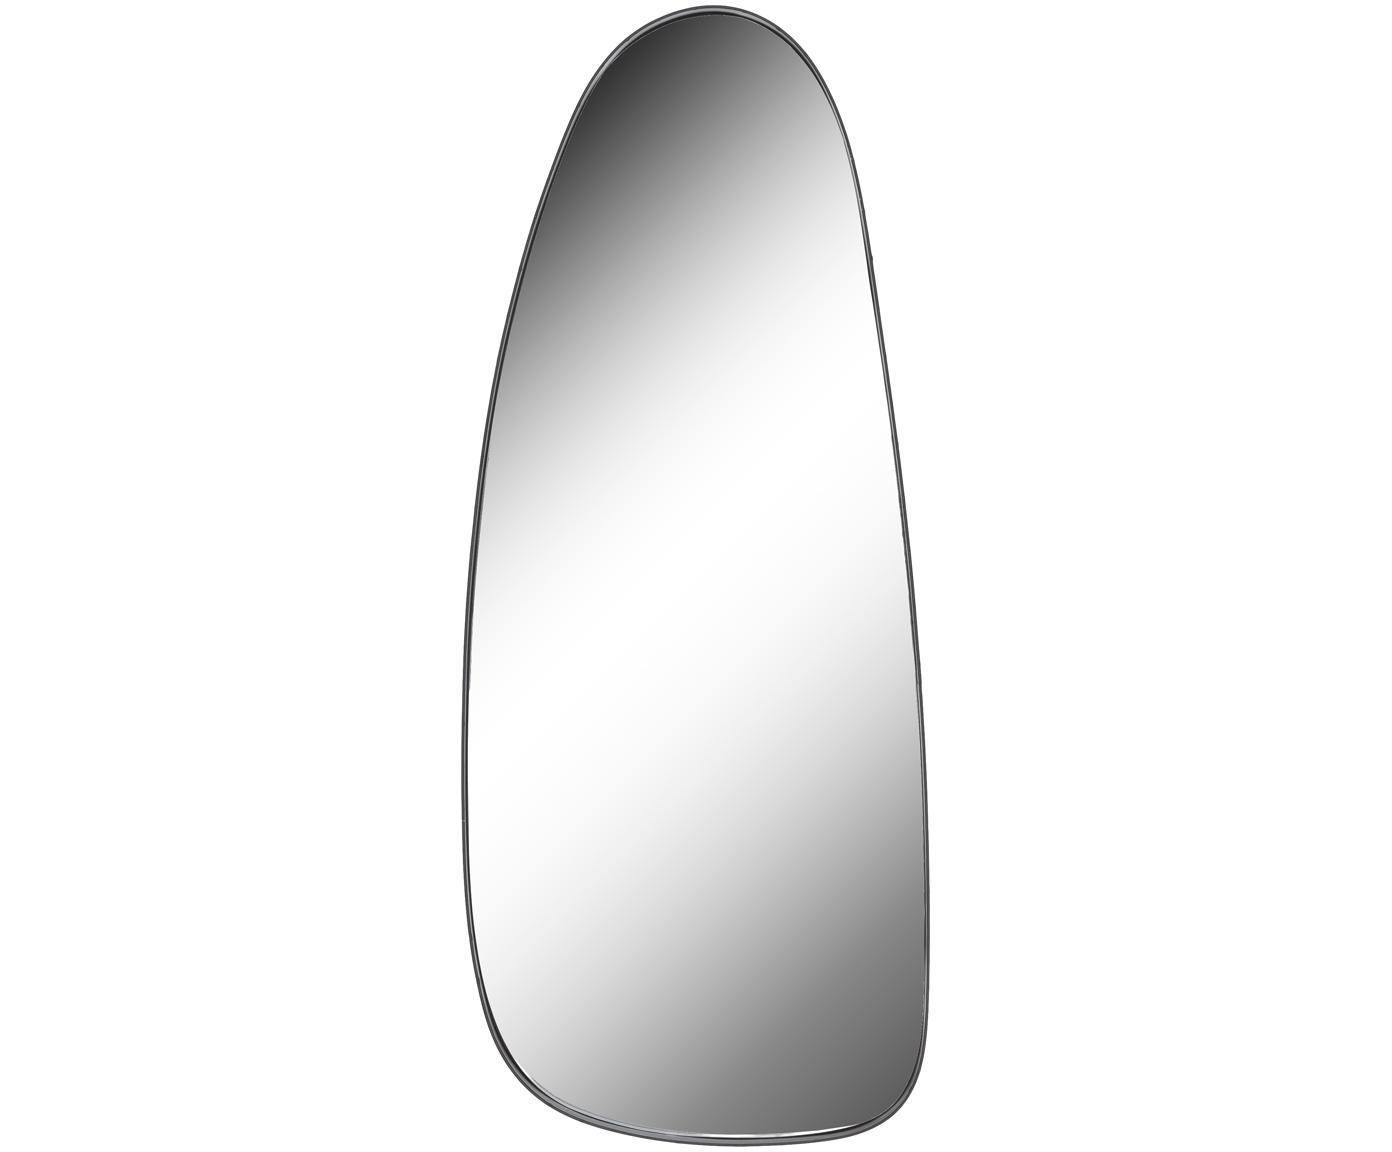 Owalne lustro ścienne Codoll, Rama: czarny Lustro: szkło lustrzane, S 39 x W 95 cm